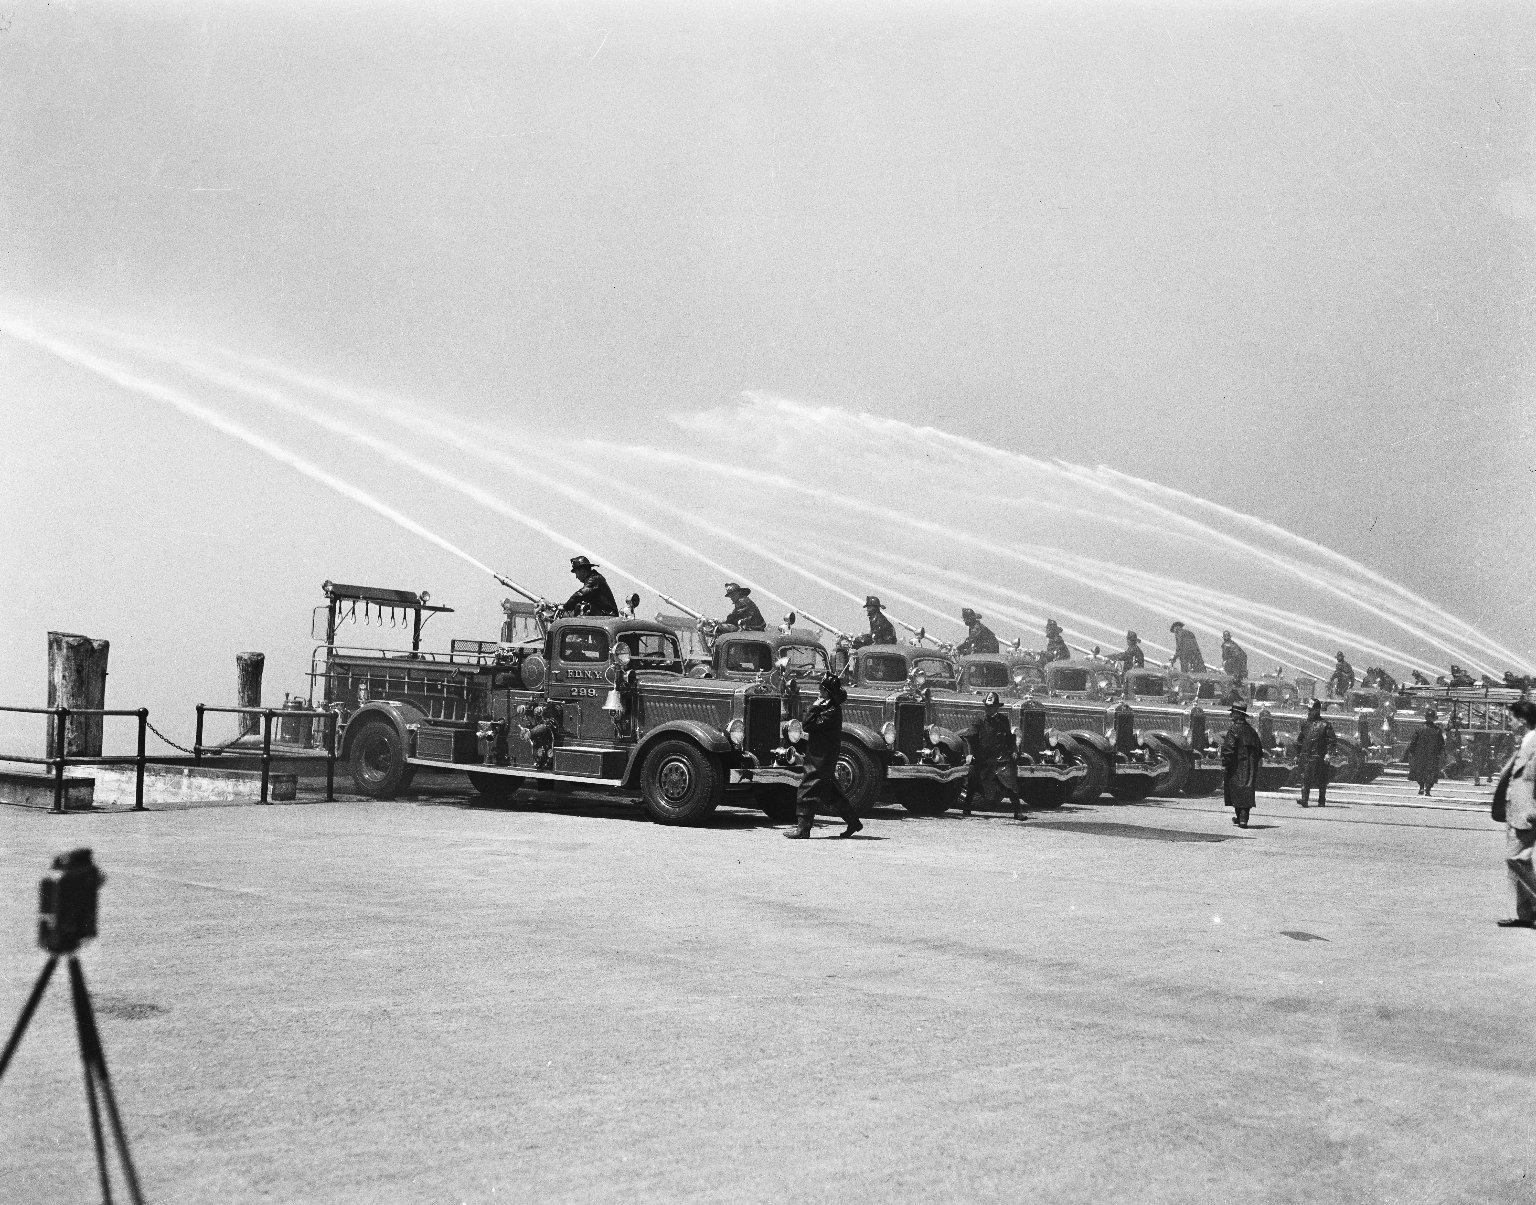 Учения пожарных с автонасосами. Нью-Йорк, США. 1937 год